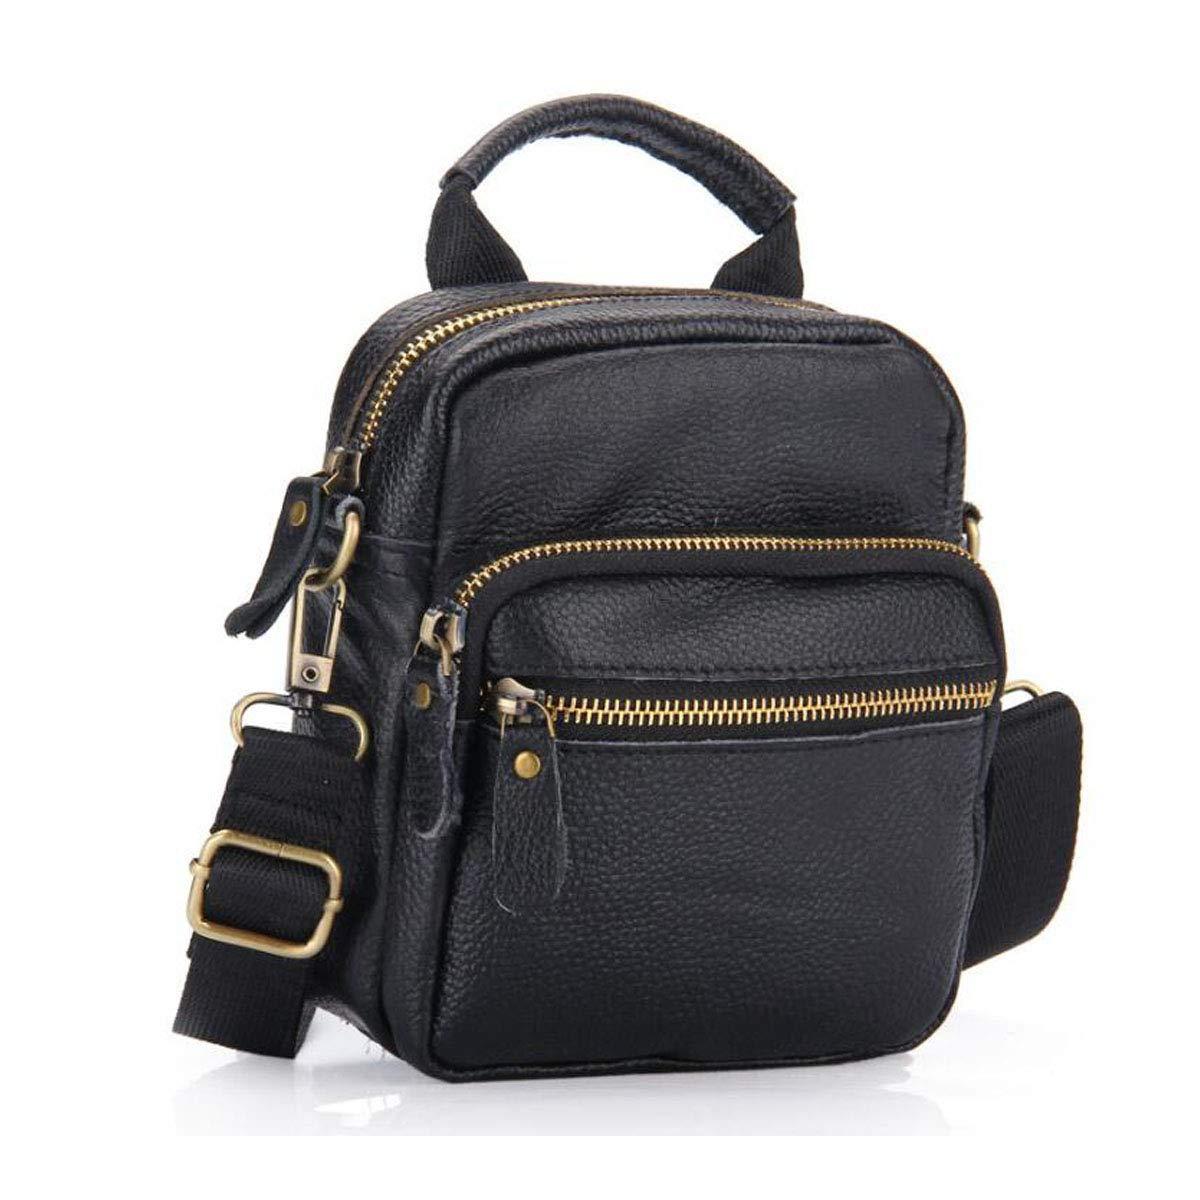 Hengxiang メッセンジャーバッグ ノートパソコン用スポーツバッグ 新しいレザー製メンズメッセンジャーバッグ メッセンジャーバッグ 旅行/仕事/学校に最適 ブラック サイズ:15618cm ビジネス オフィス メッセンジャーバッグ (カラー:ブラック)   B07PCM9L1H